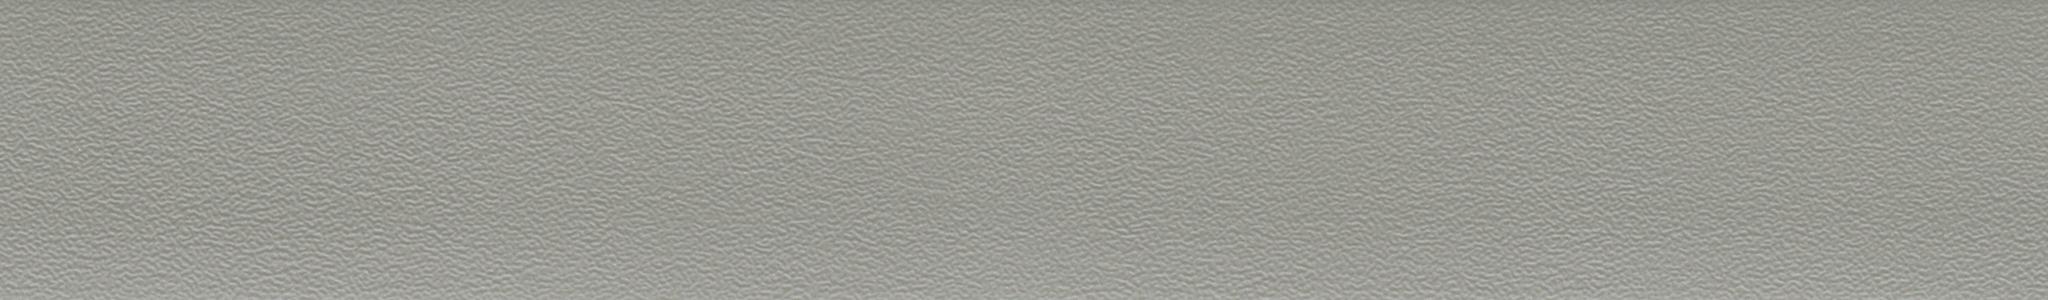 HU 170755 ABS hrana šedá perla 101